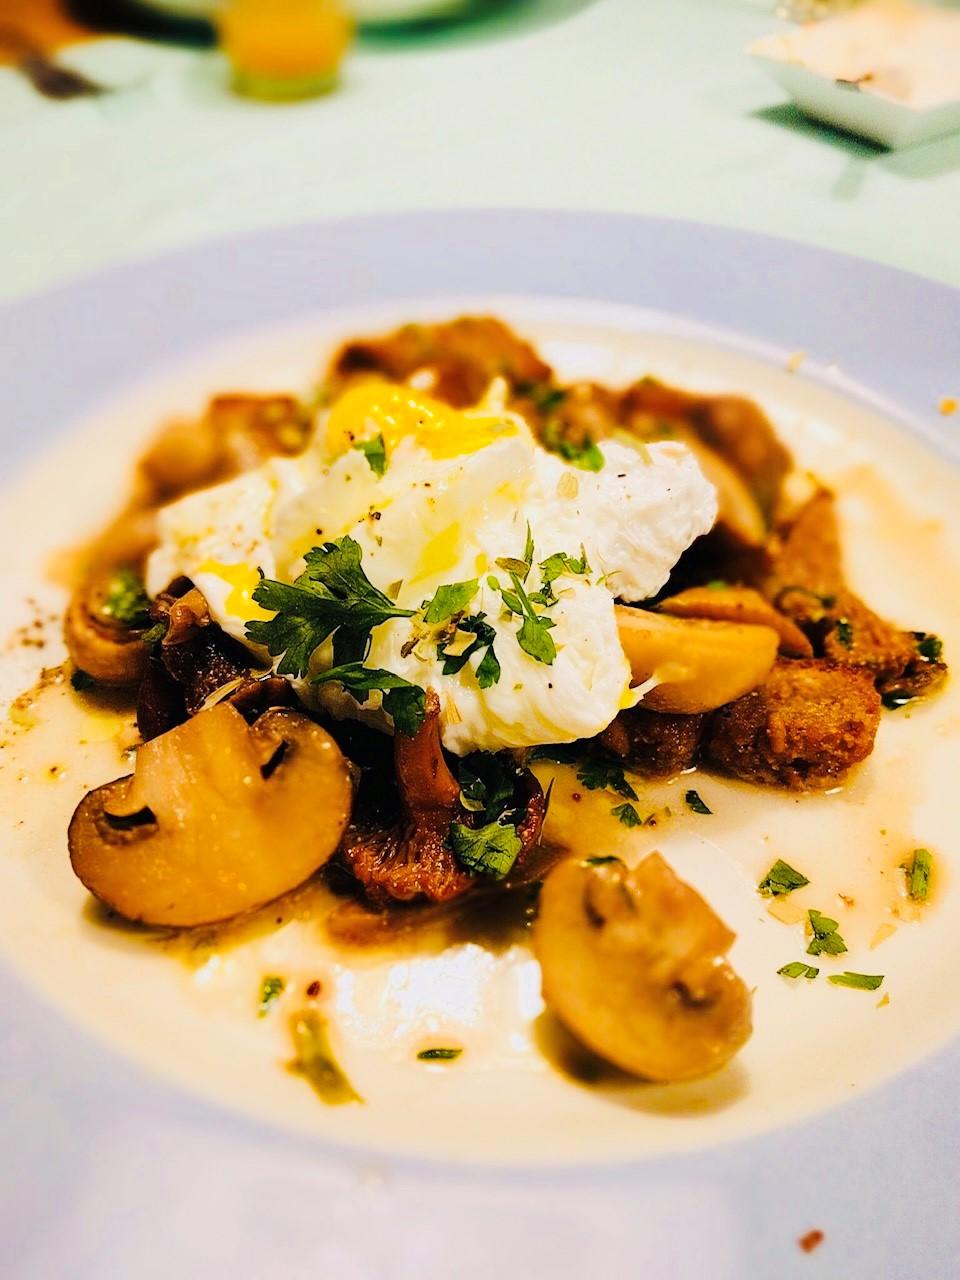 Een super smaakvolle paddestoelen ragout van Ottolenghi met gepocheerd ei en desem croutons. Een heerlijk vegetarisch gerecht wat niet misstaat tijdens een uitgebreid etentje.